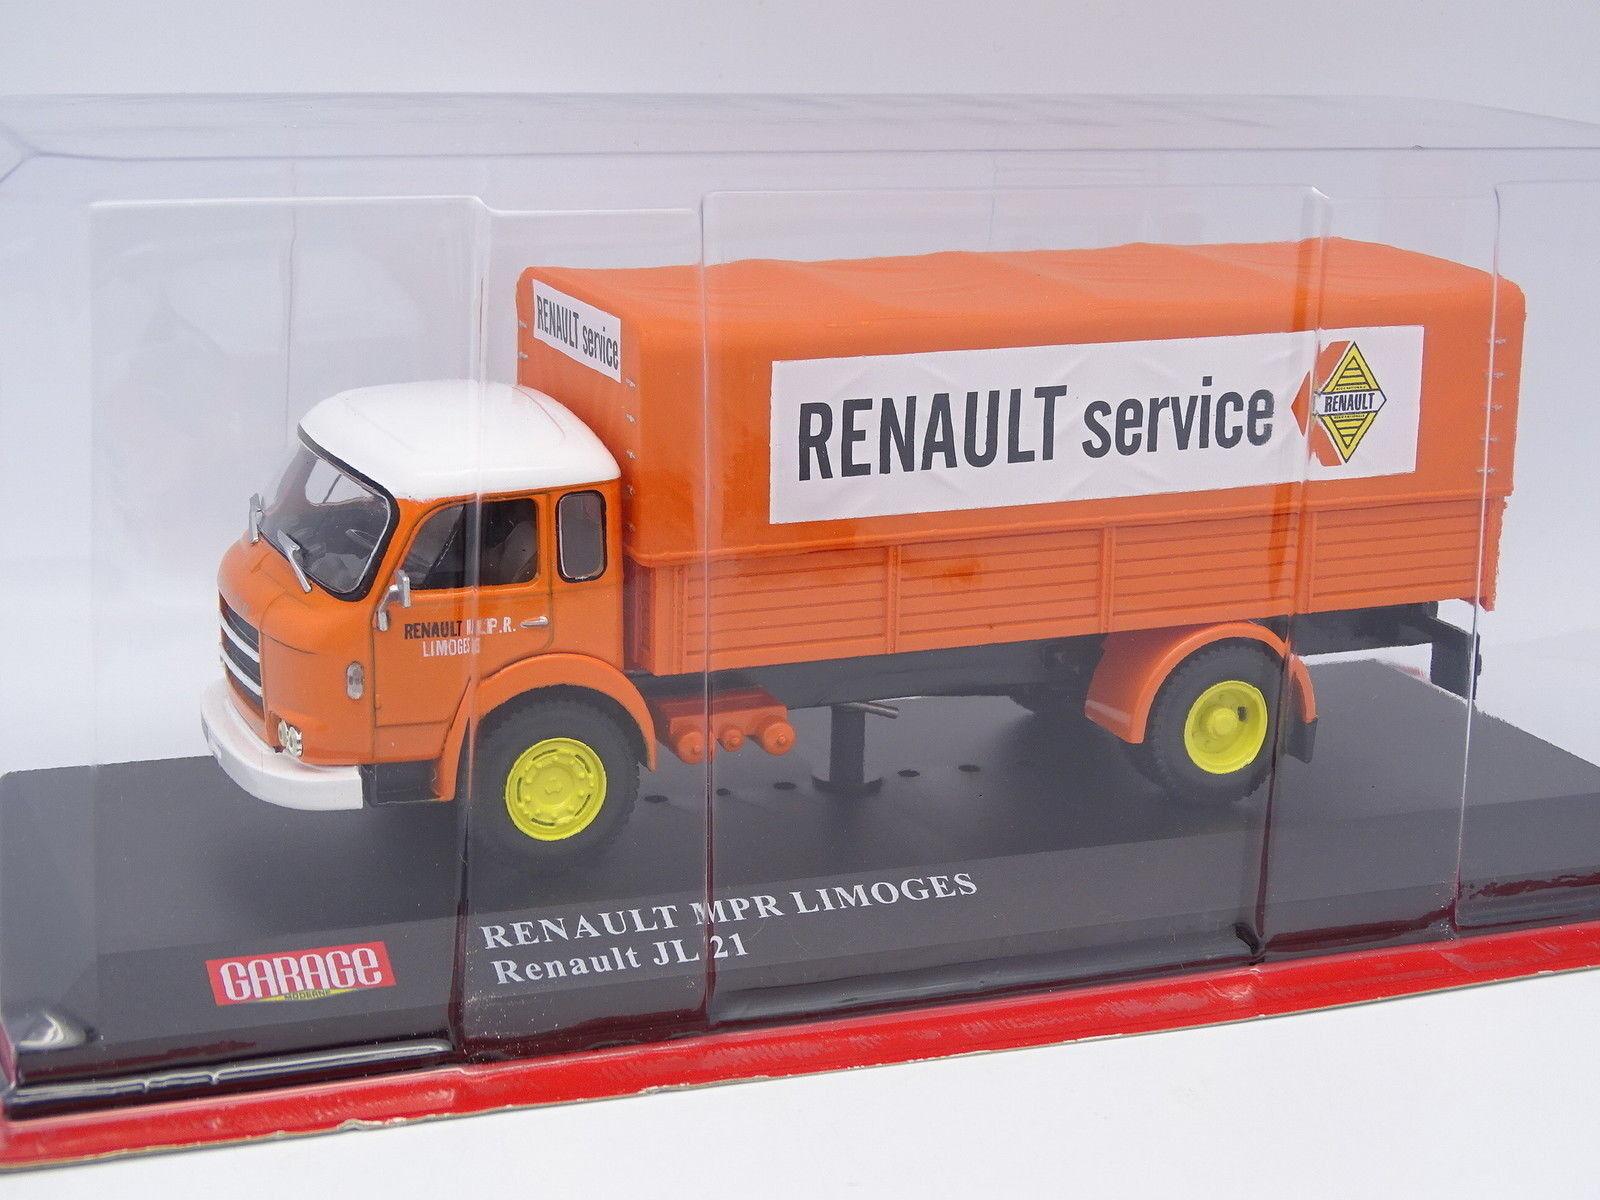 Ixo stampa garage moderna 1   43 - renault jl21 renault servizio limoges